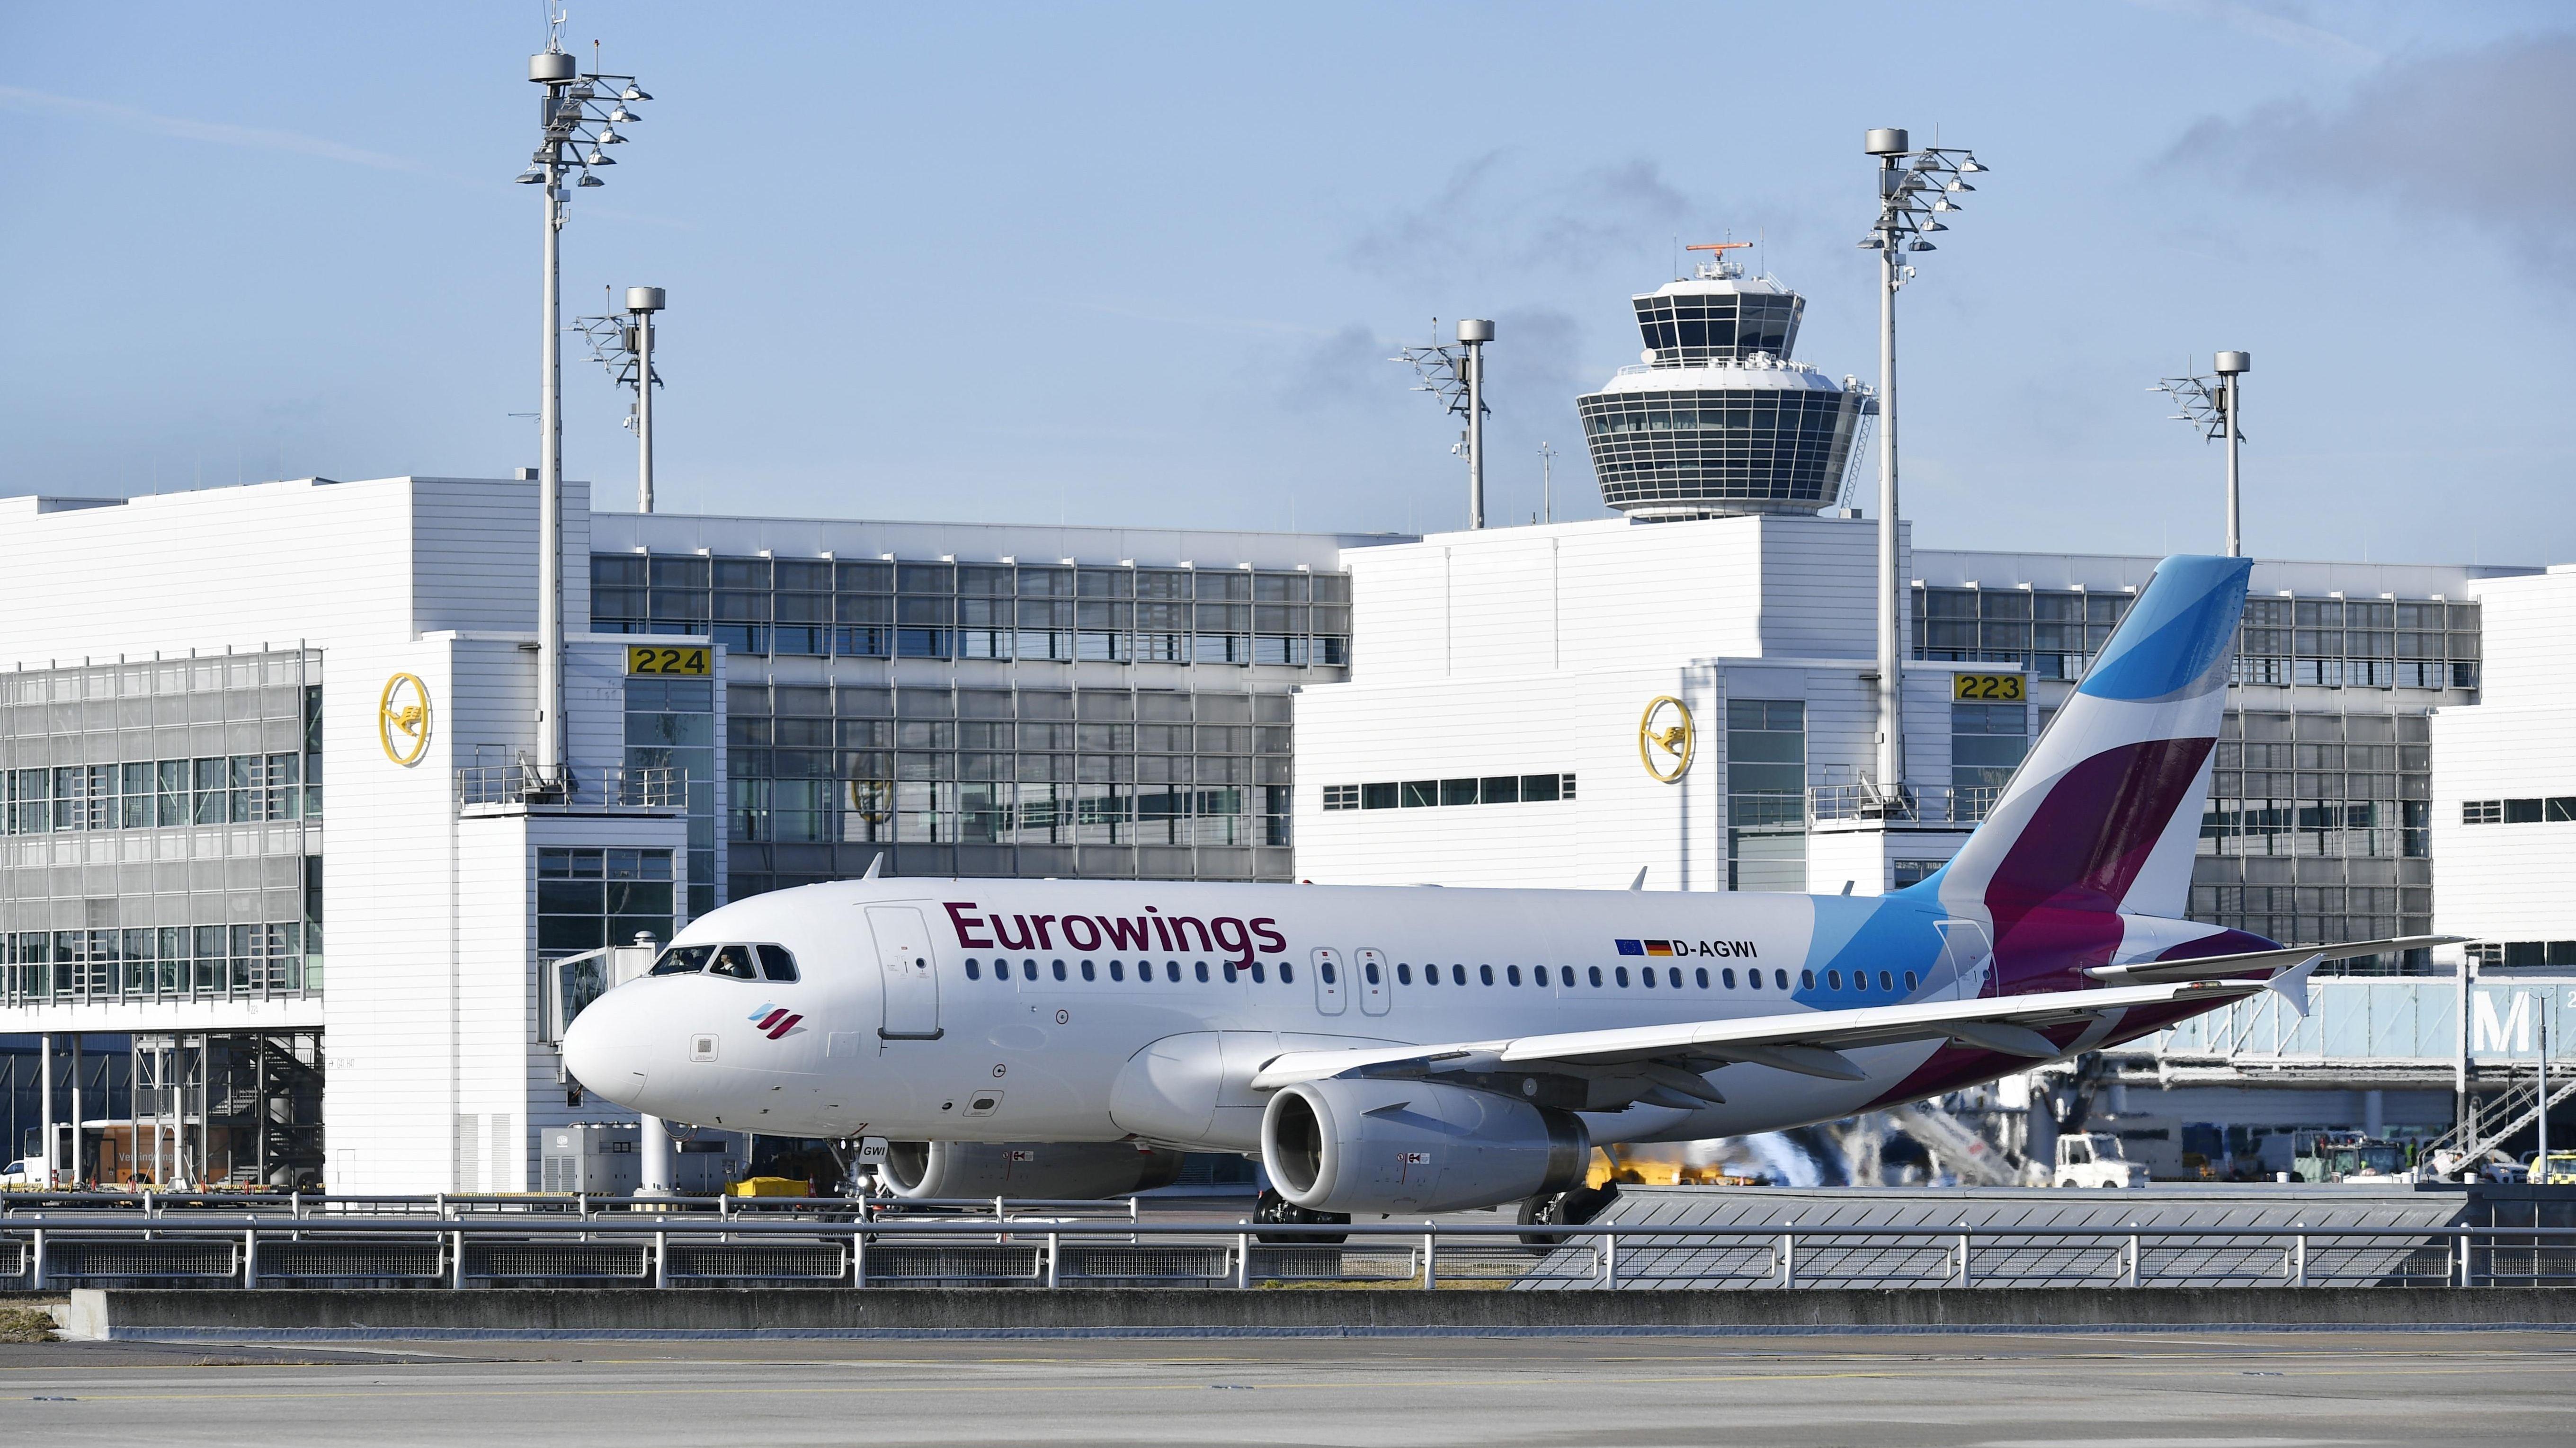 Eine Eurowings-Maschine am Flughafen München